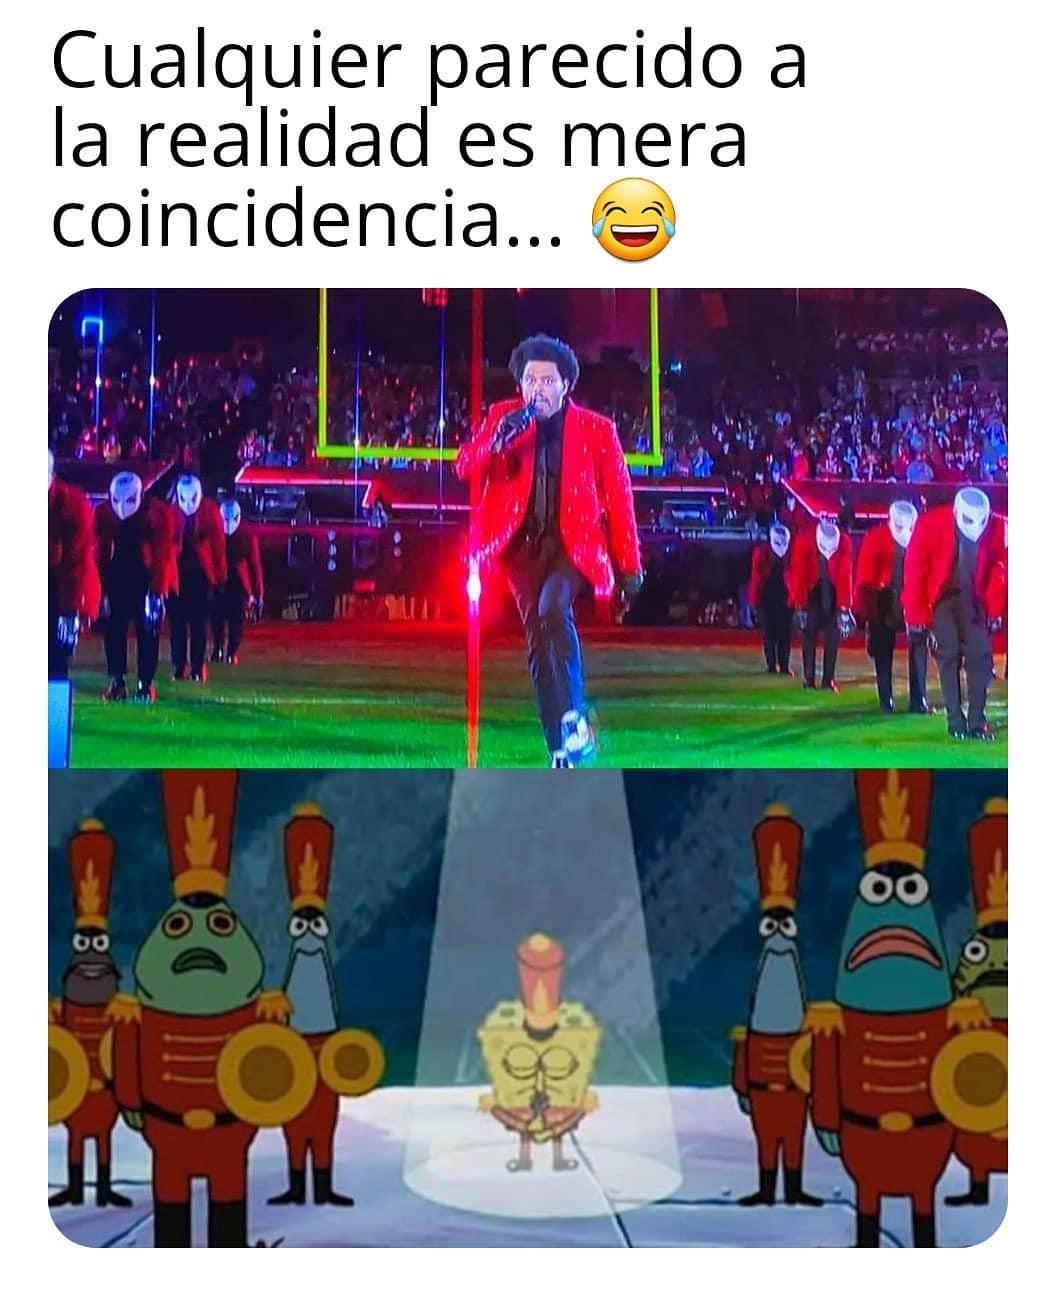 Cualquier parecido a la realidad es mera coincidencia...